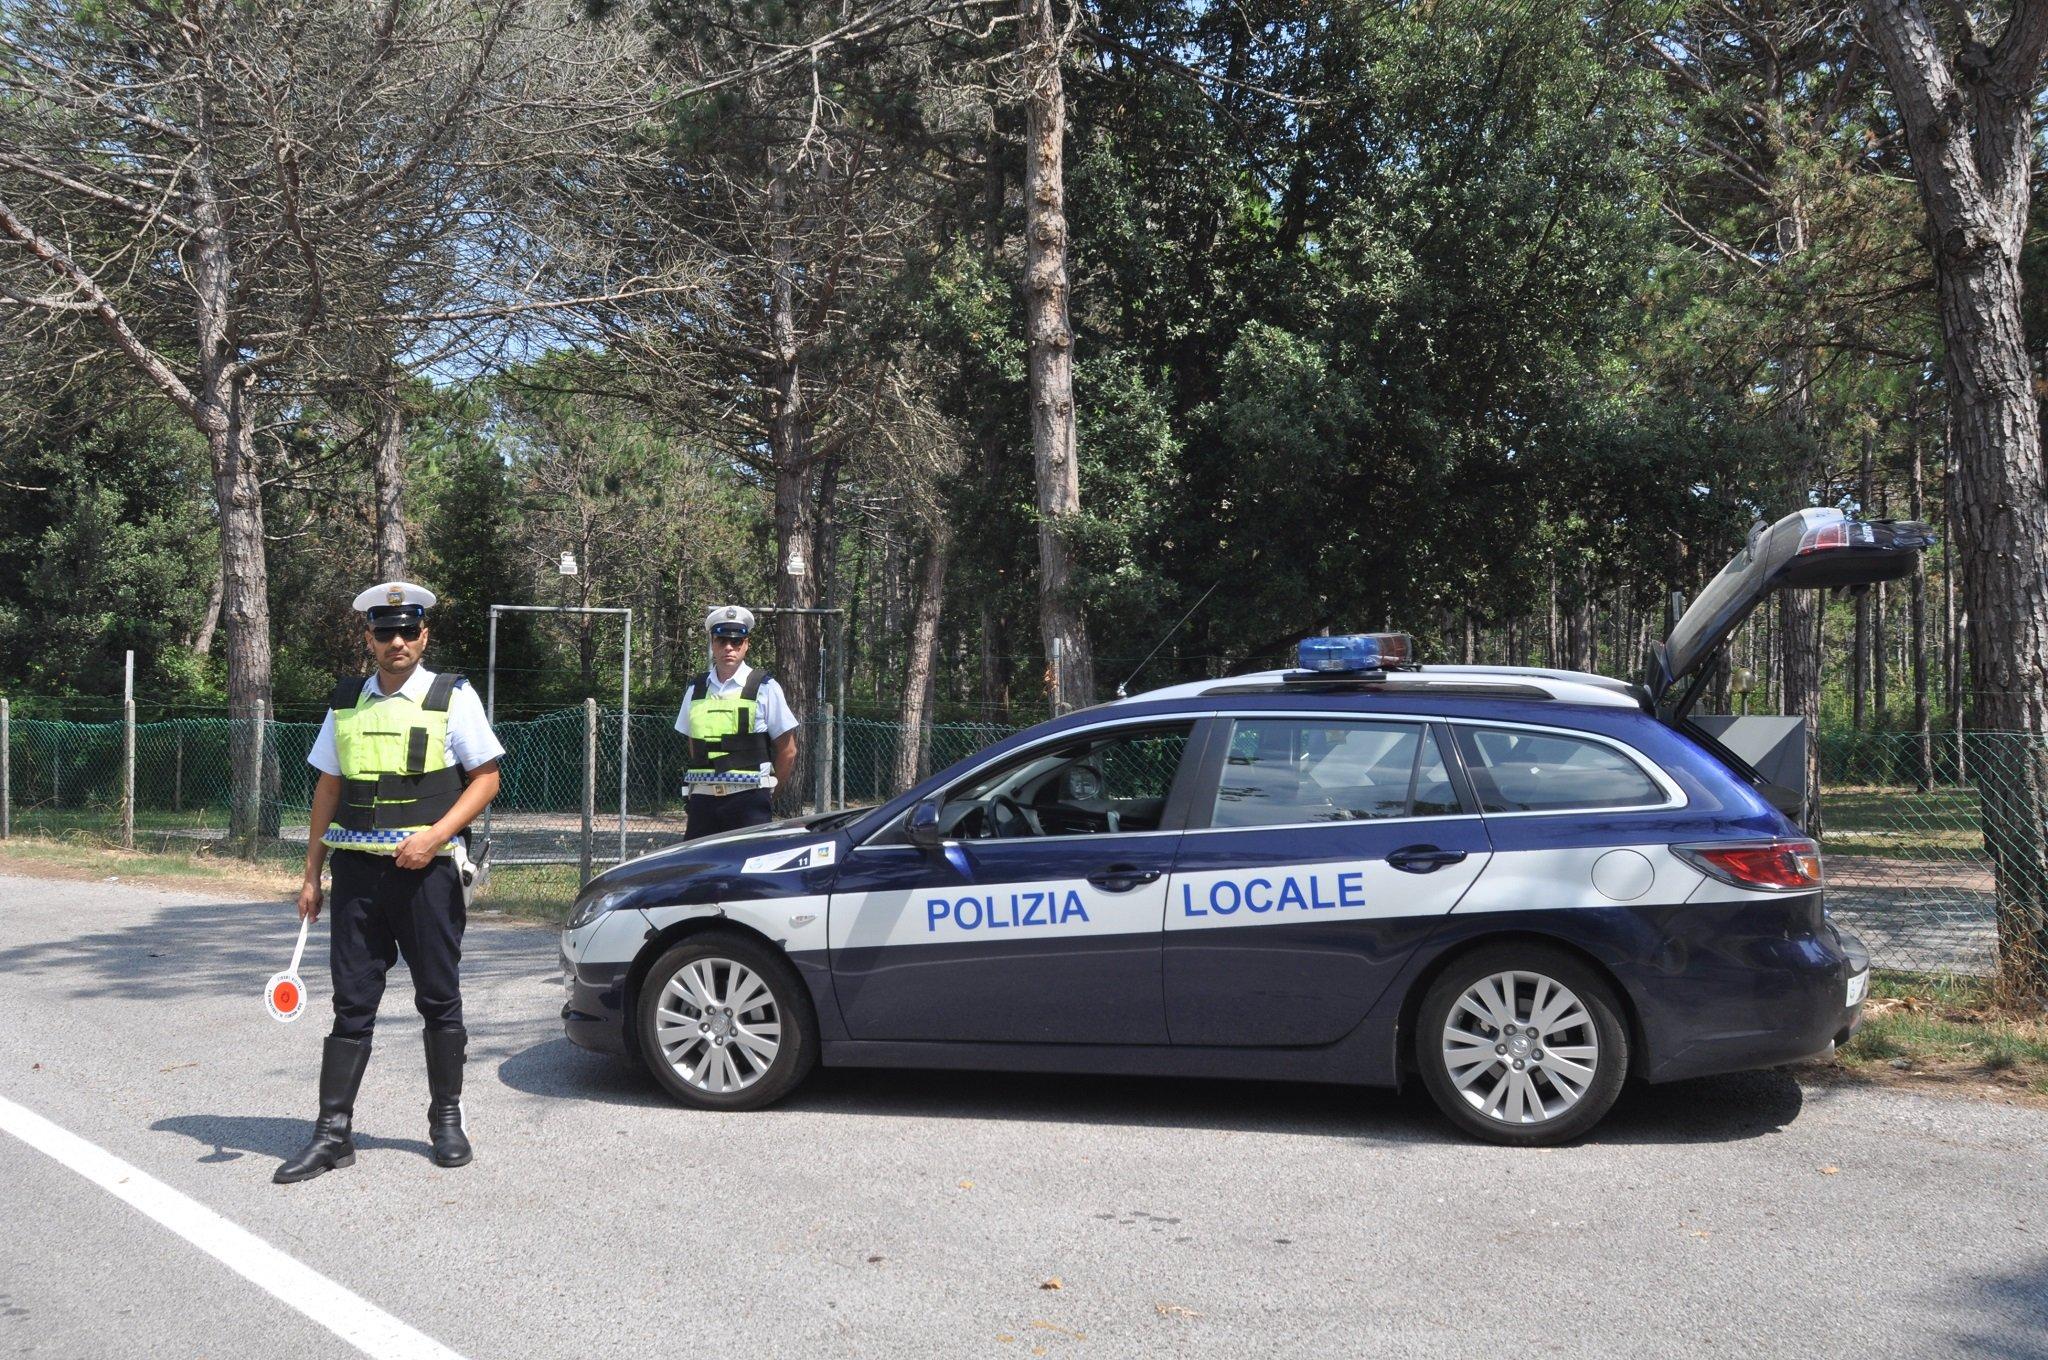 polizia-locale controlli a verona